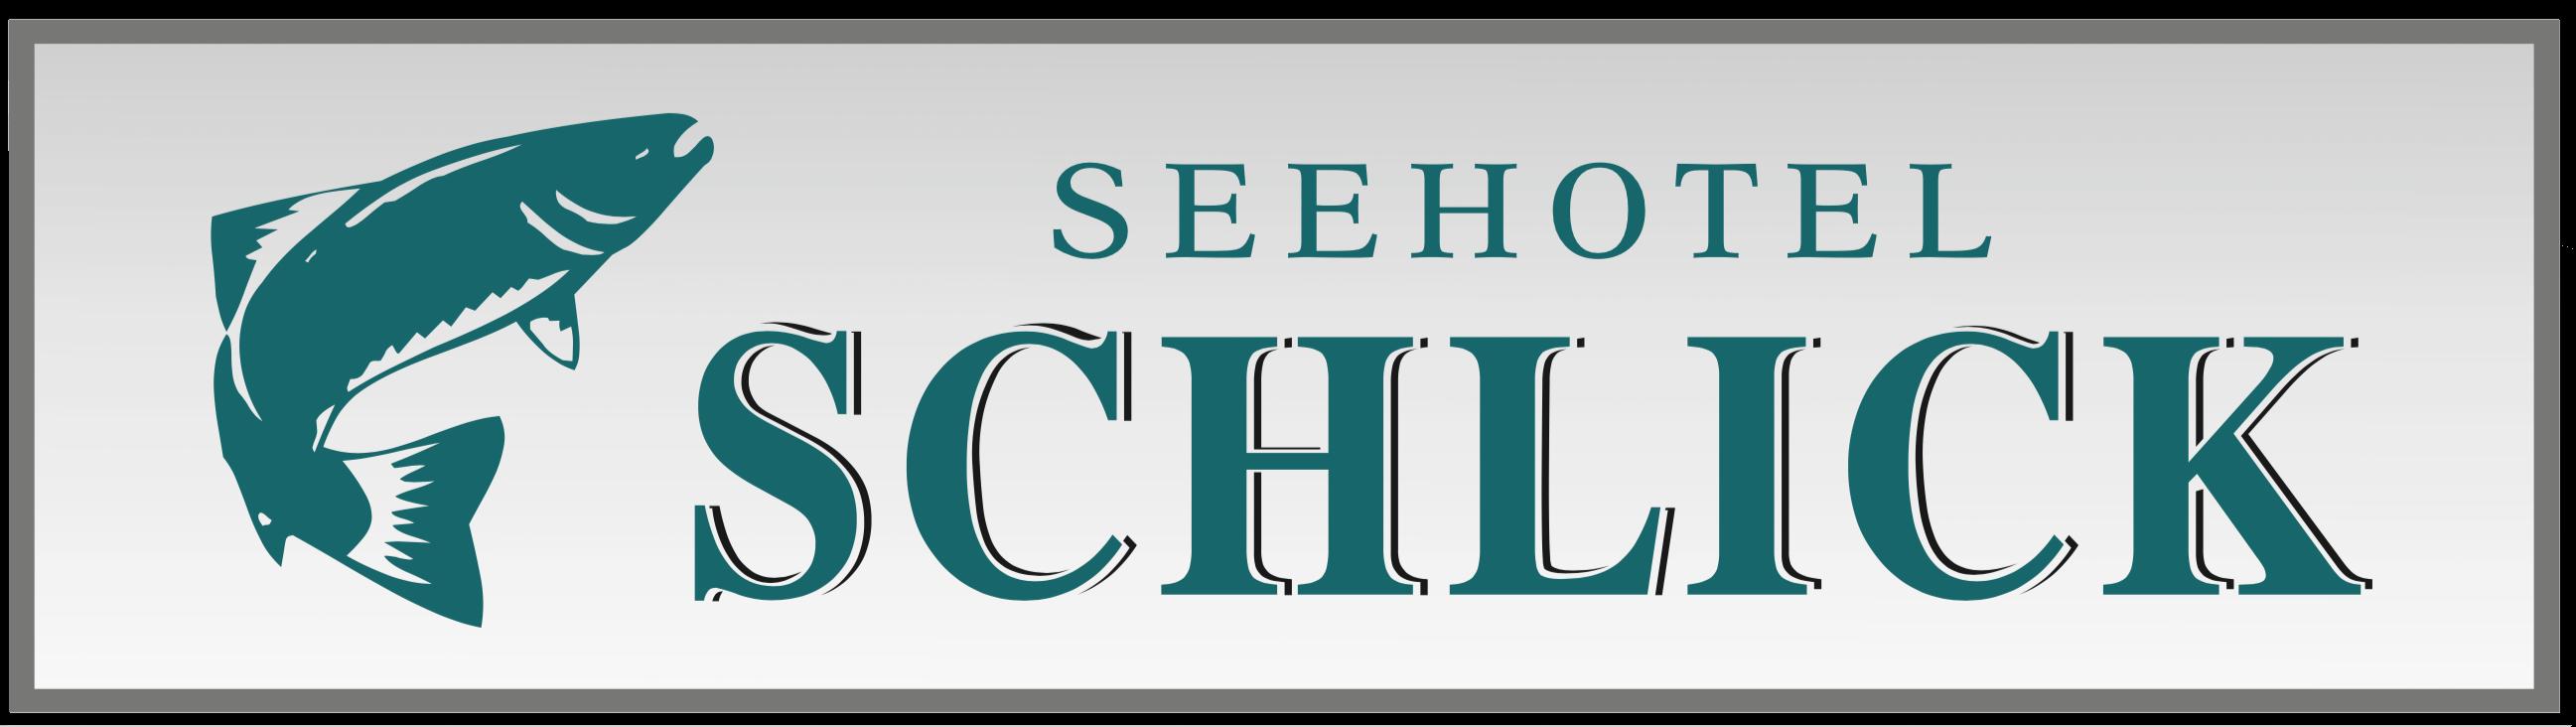 Seehotel Schlick - Familie Indinger | Das Restaurant im Seehotel Schlick in Fuschl am See, ist Ihre erste Anlaufstelle für Fischspezialitäten am Fuschlsee im Salzkammergut. Fischen Sie in einem der reinsten Seen Österreichs.